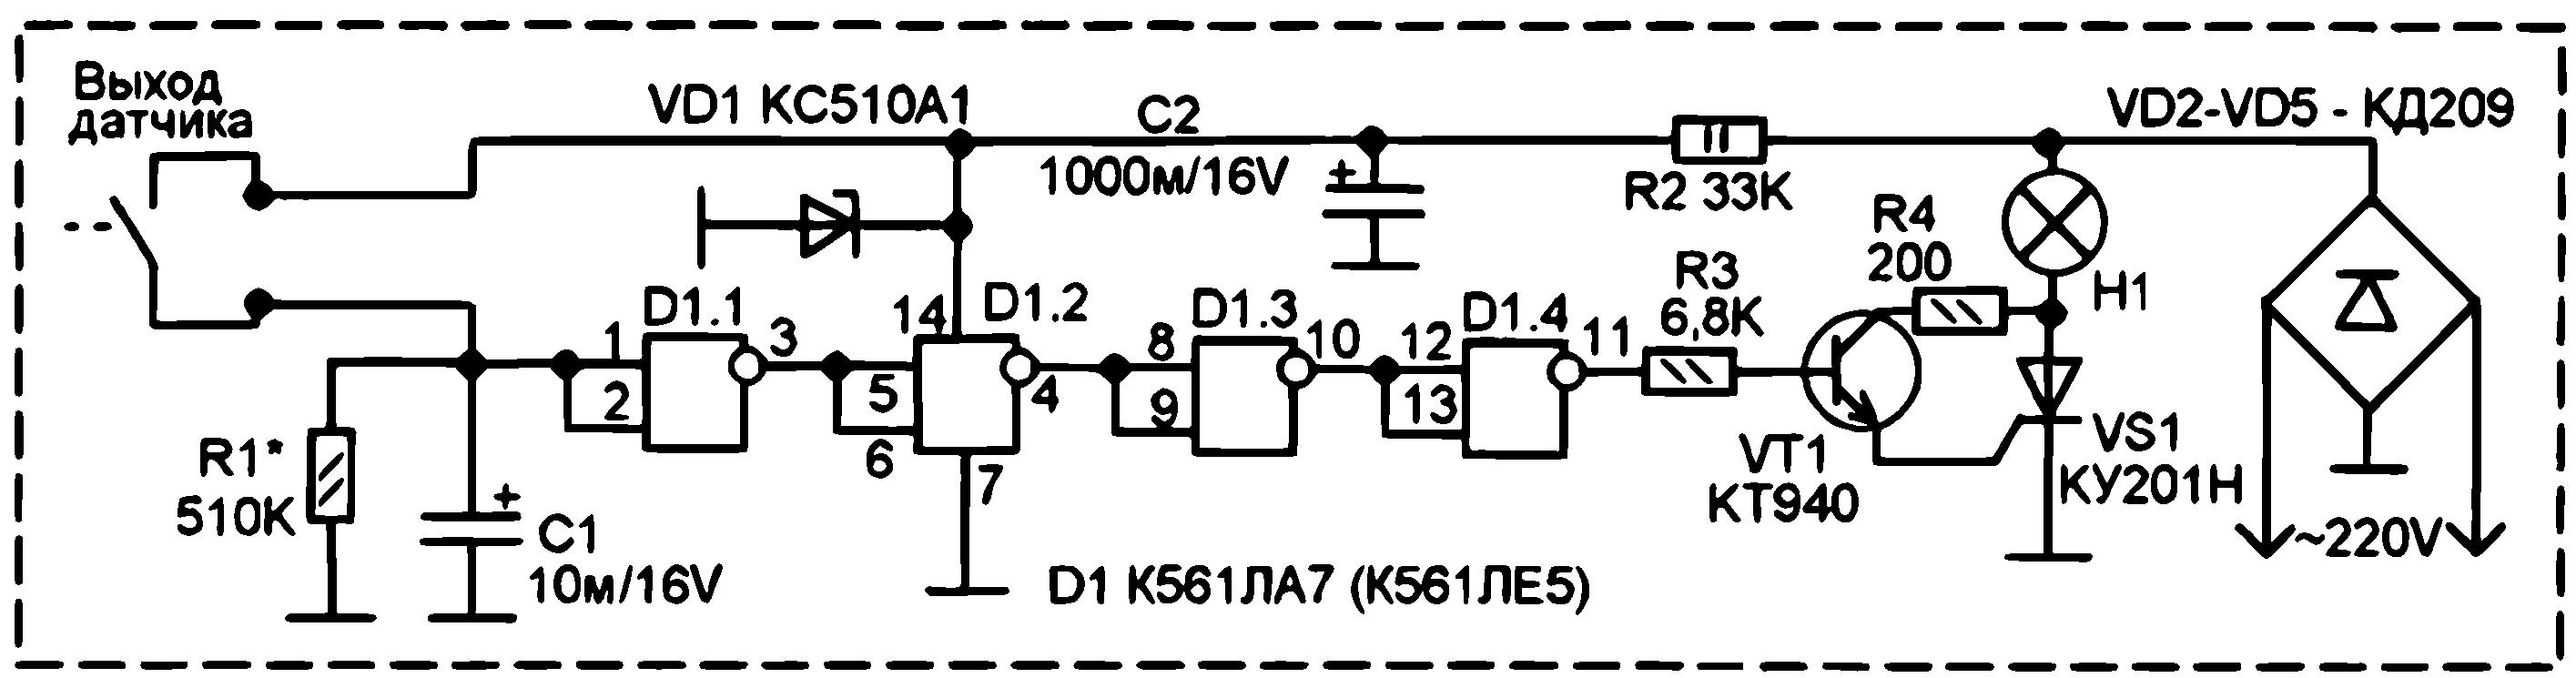 схема сенсорного выключателя света на микроконтроллере